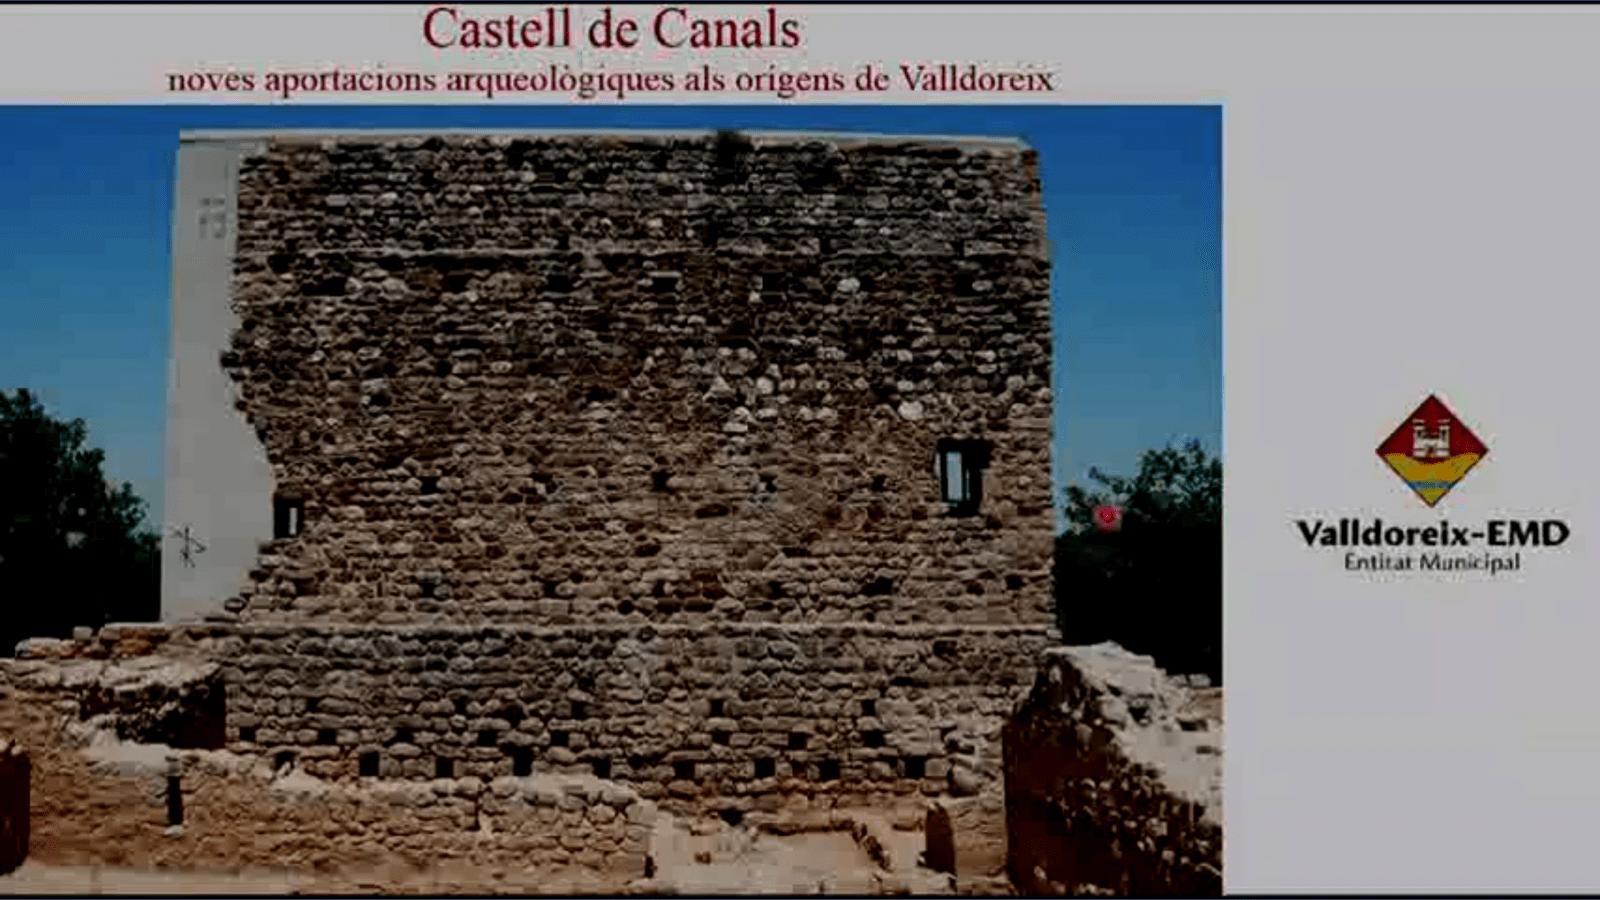 El castell de Canals: noves aportacions arqueològiques als orígens de Valldoreix